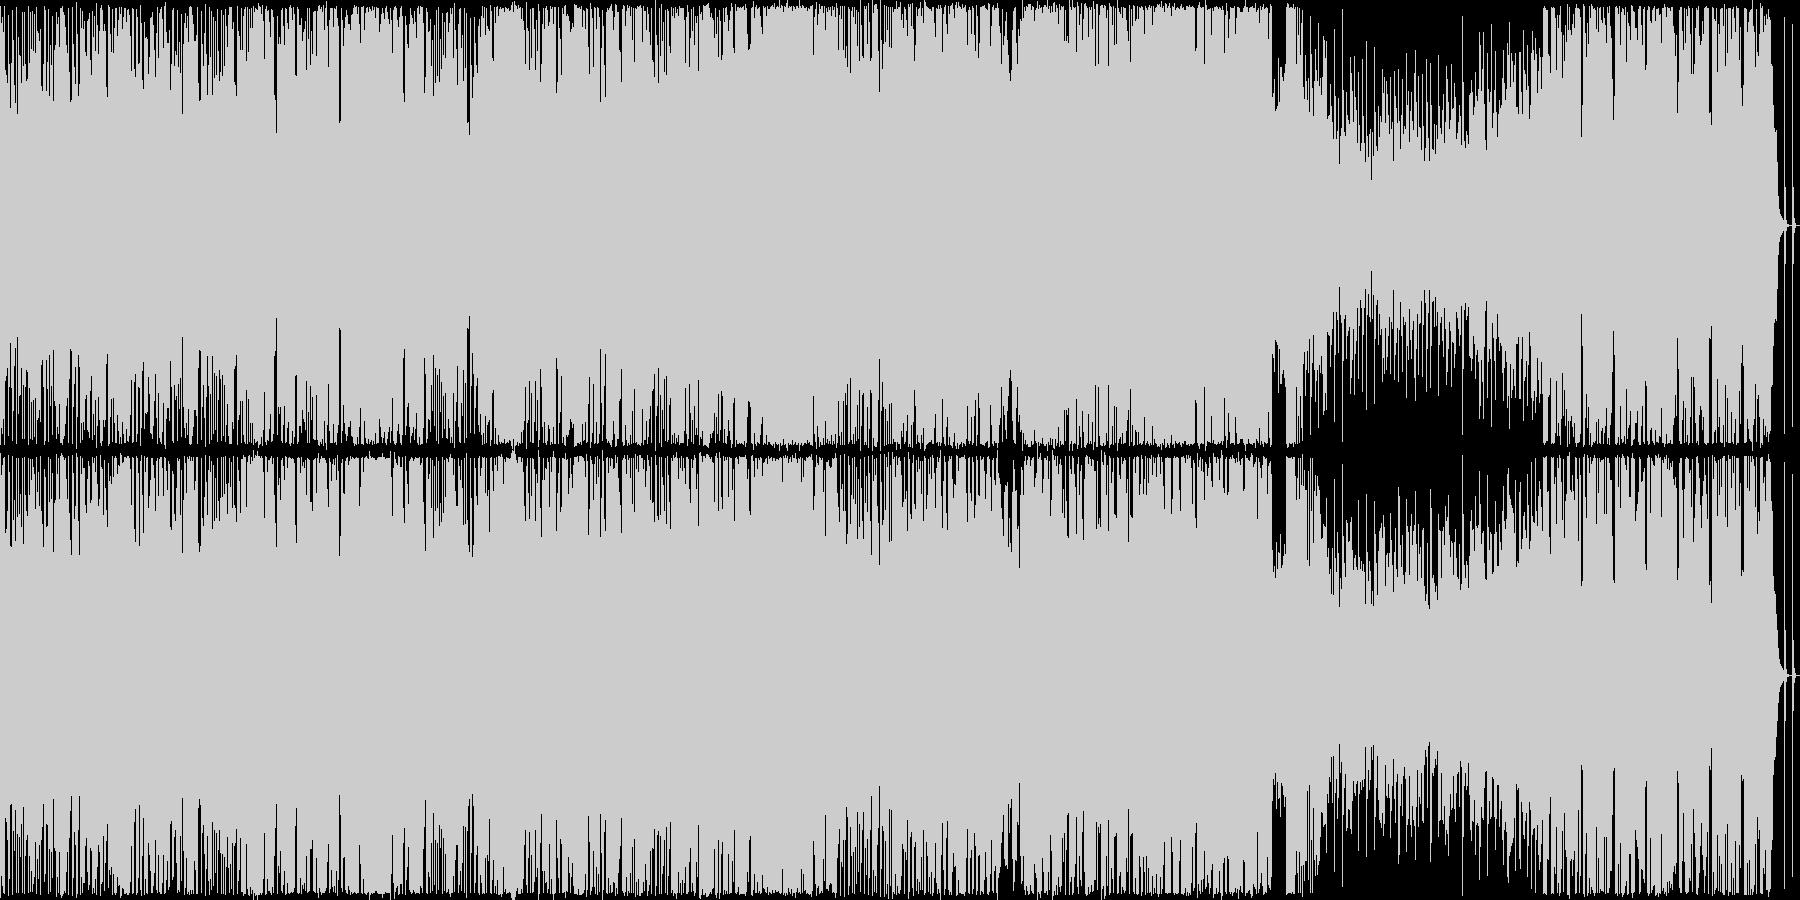 【ループ仕様】ドラムがパワフルなバトル曲の未再生の波形